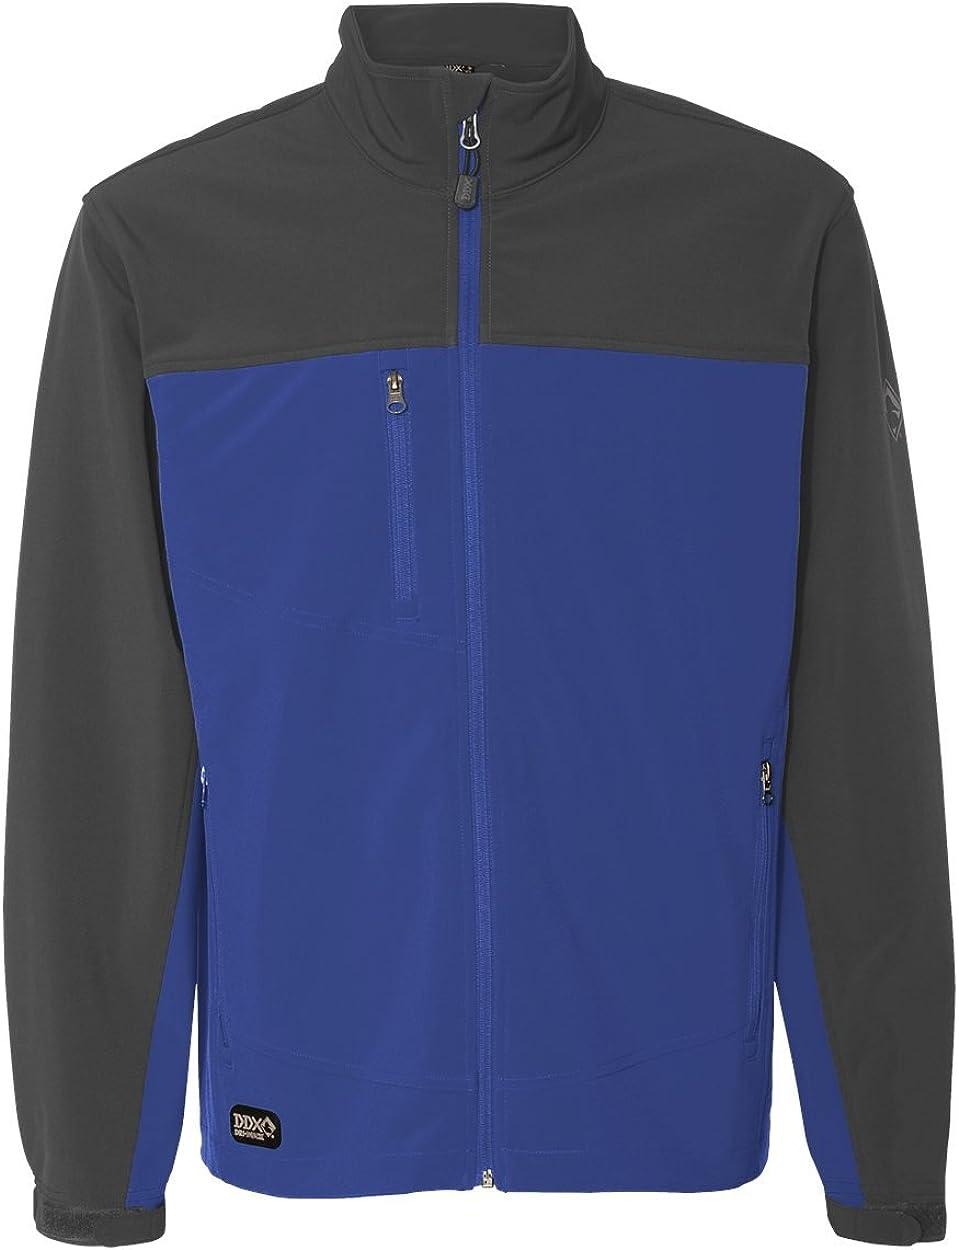 DRI Duck Adult Motion Soft Direct sale of [Alternative dealer] manufacturer Shell Jacket